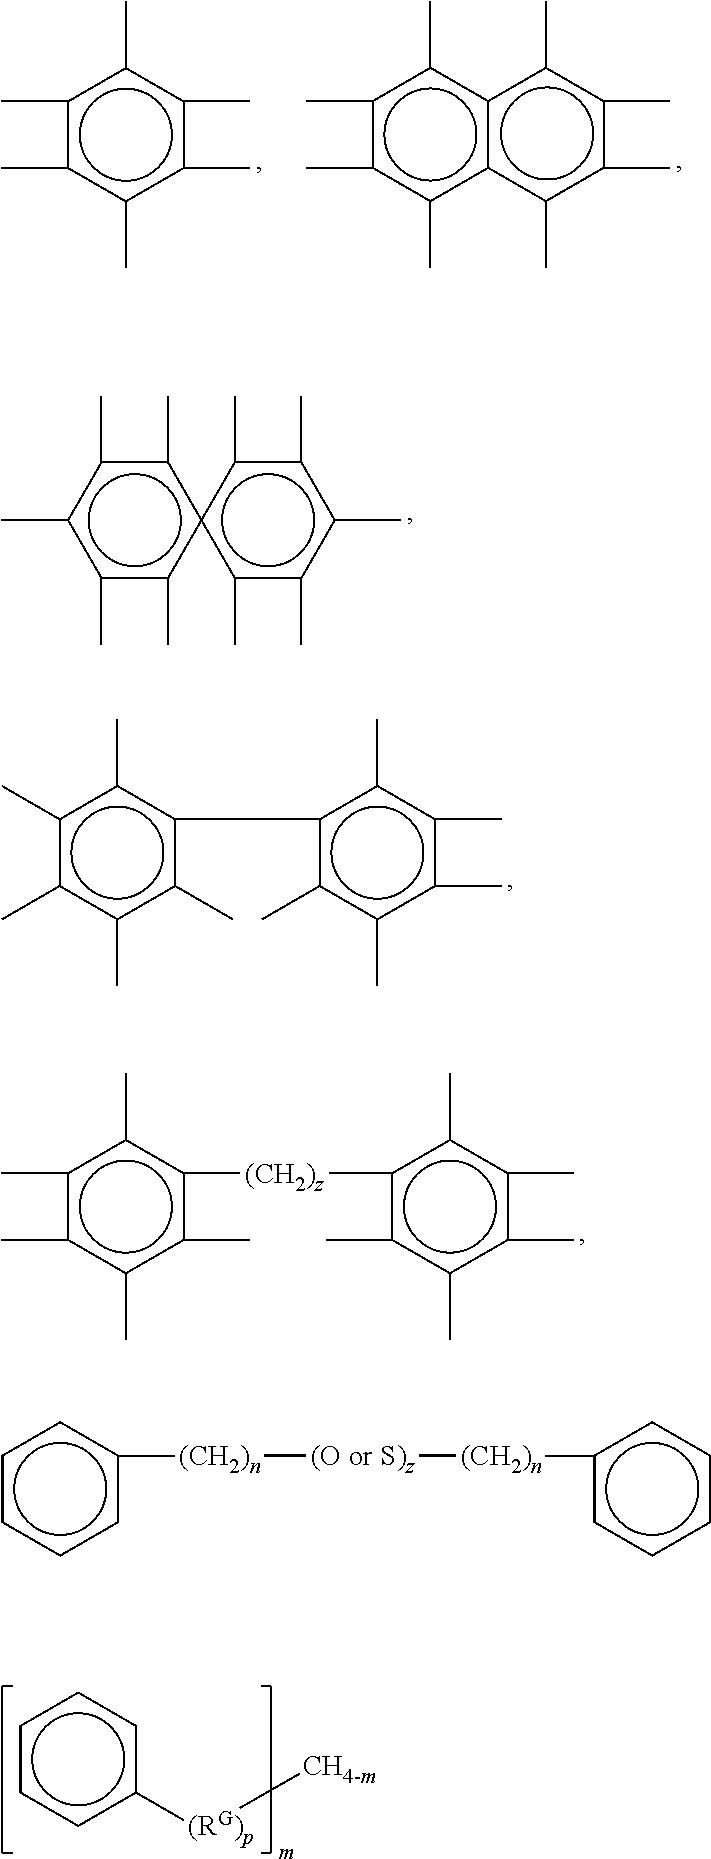 Figure US08598103-20131203-C00003